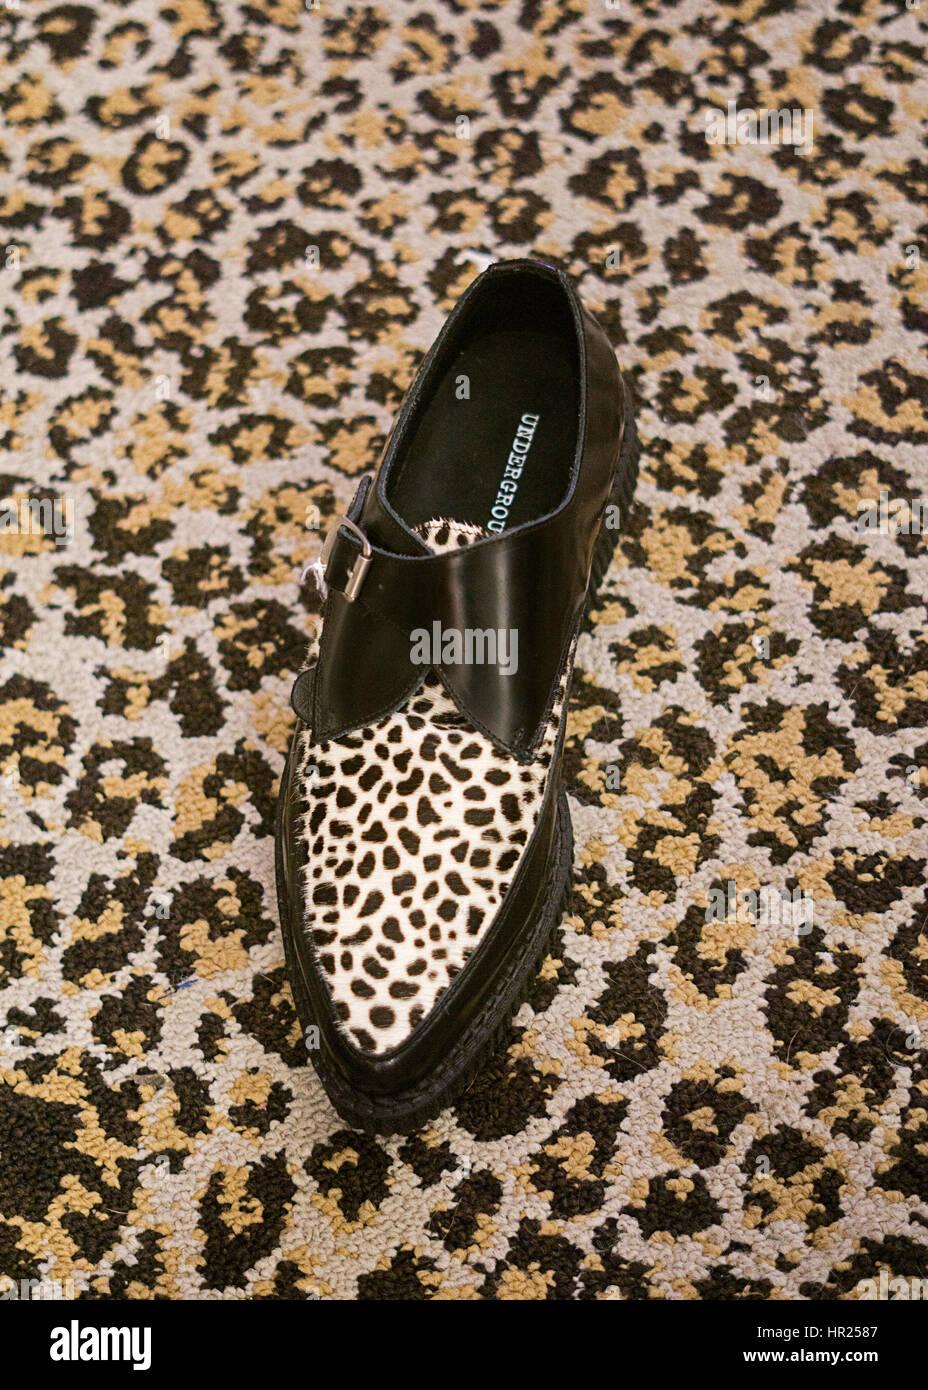 Chaussures pointues d'un léopard à vendre à l'intérieur de la corbeille et alternative Photo Stock